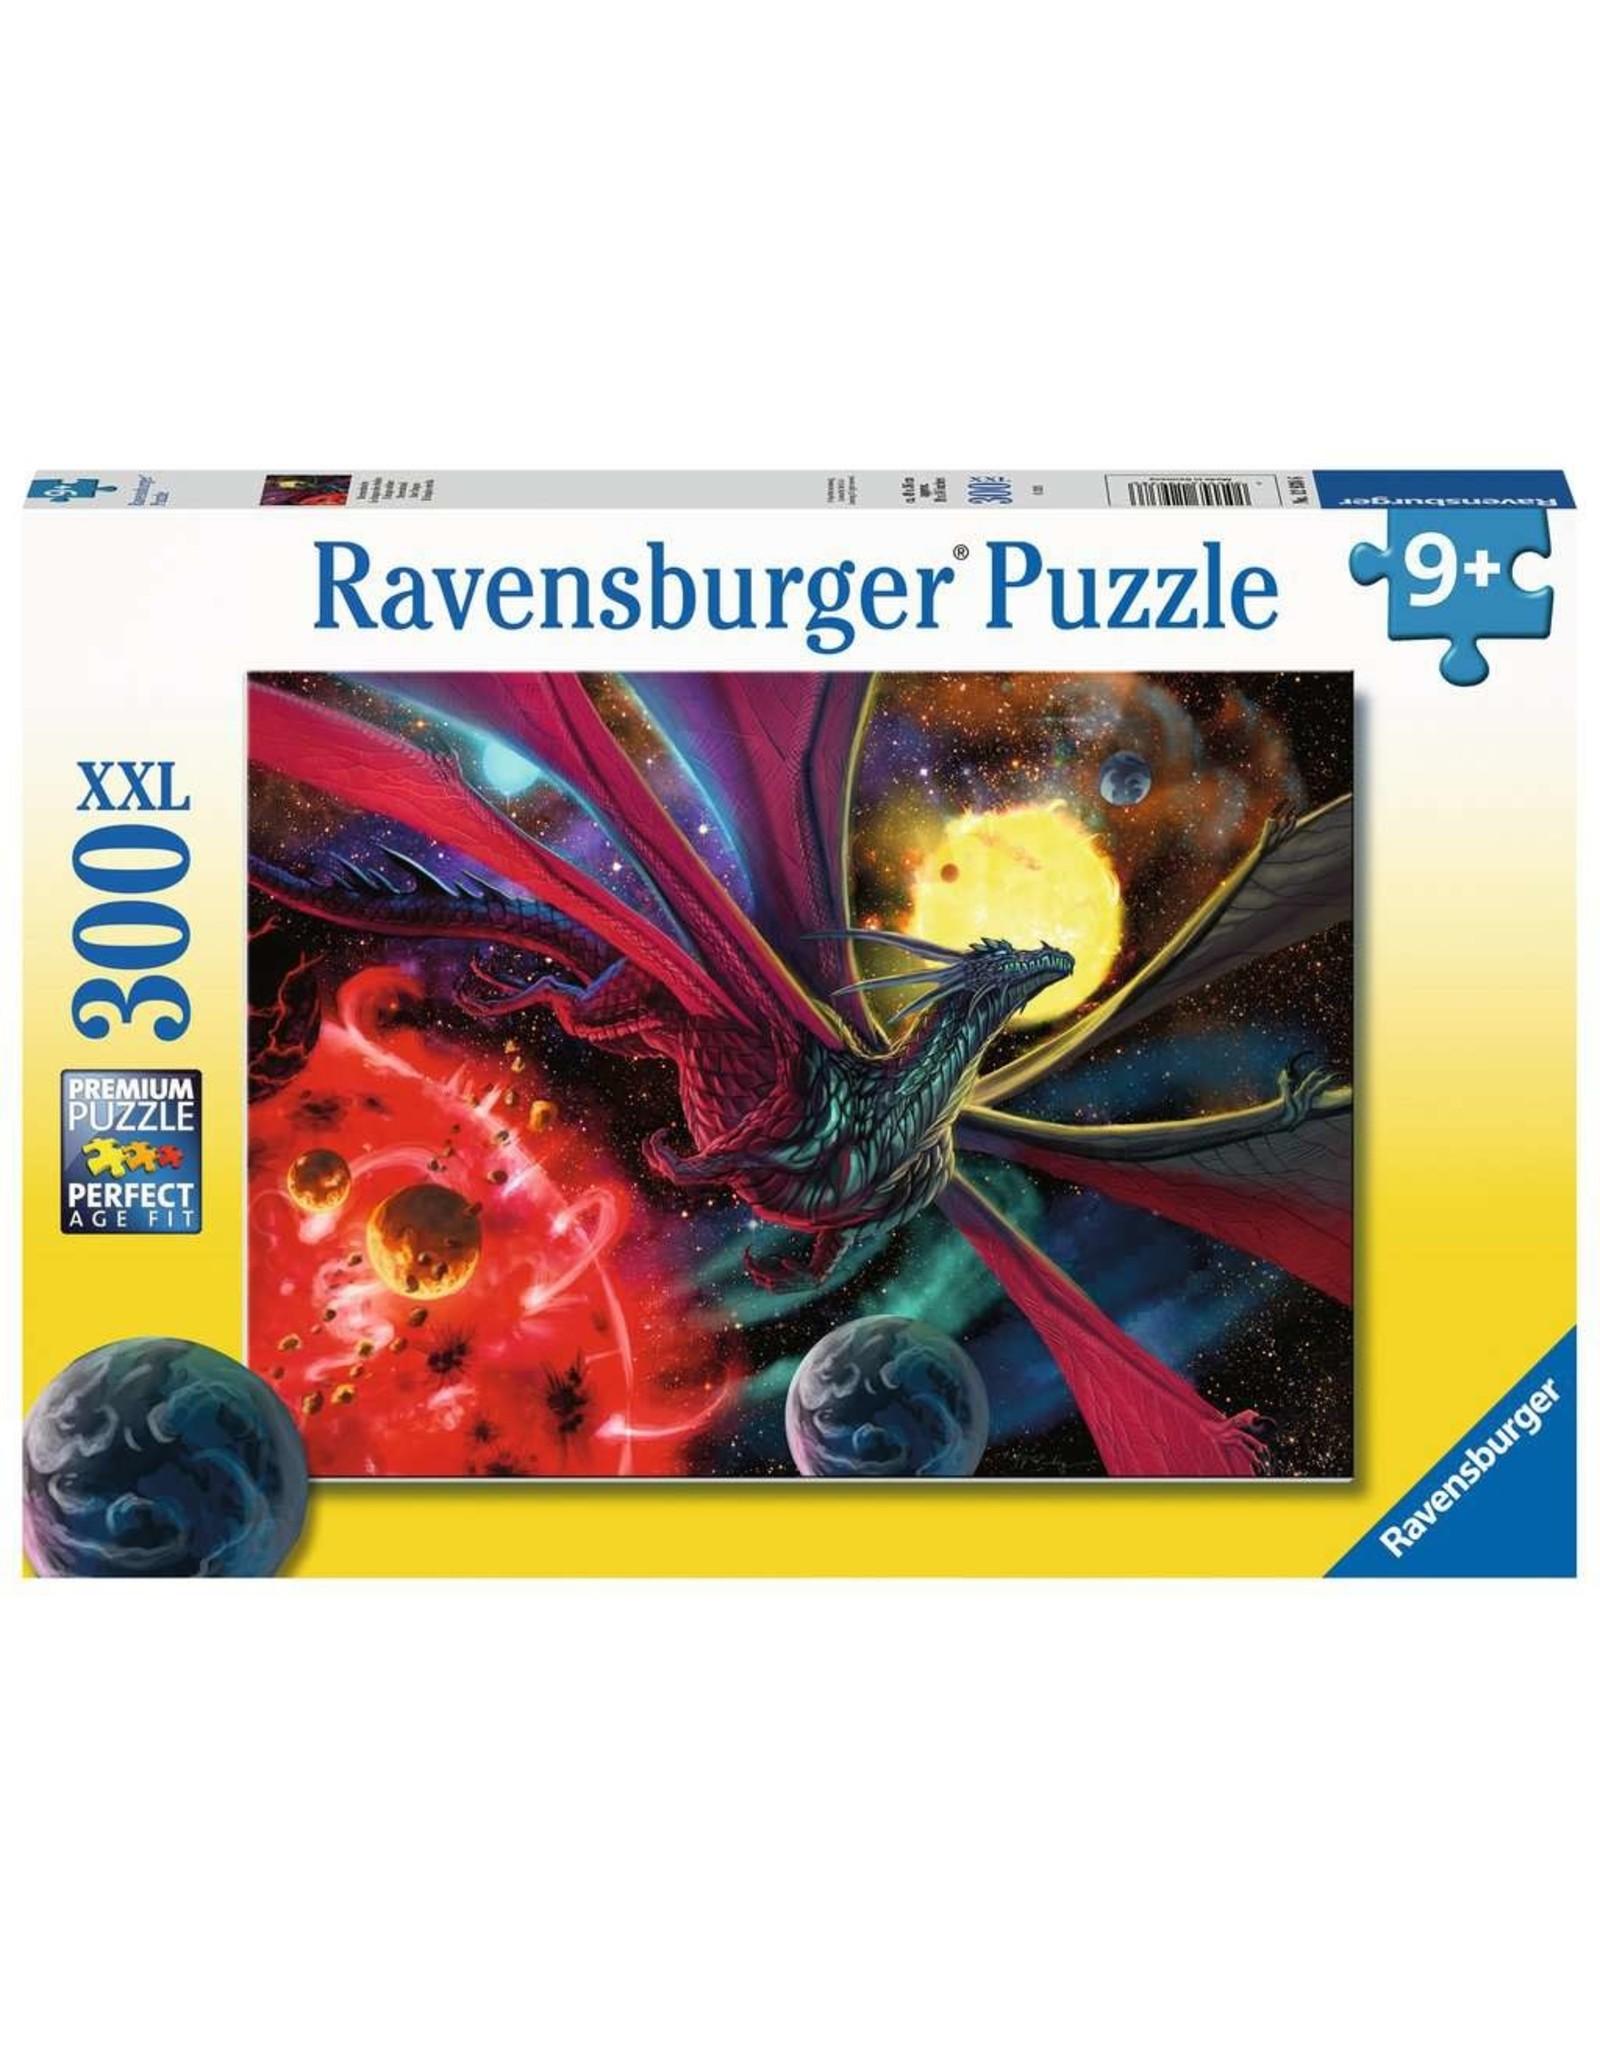 Ravensburger 300 pcs. Star Dragon Puzzle